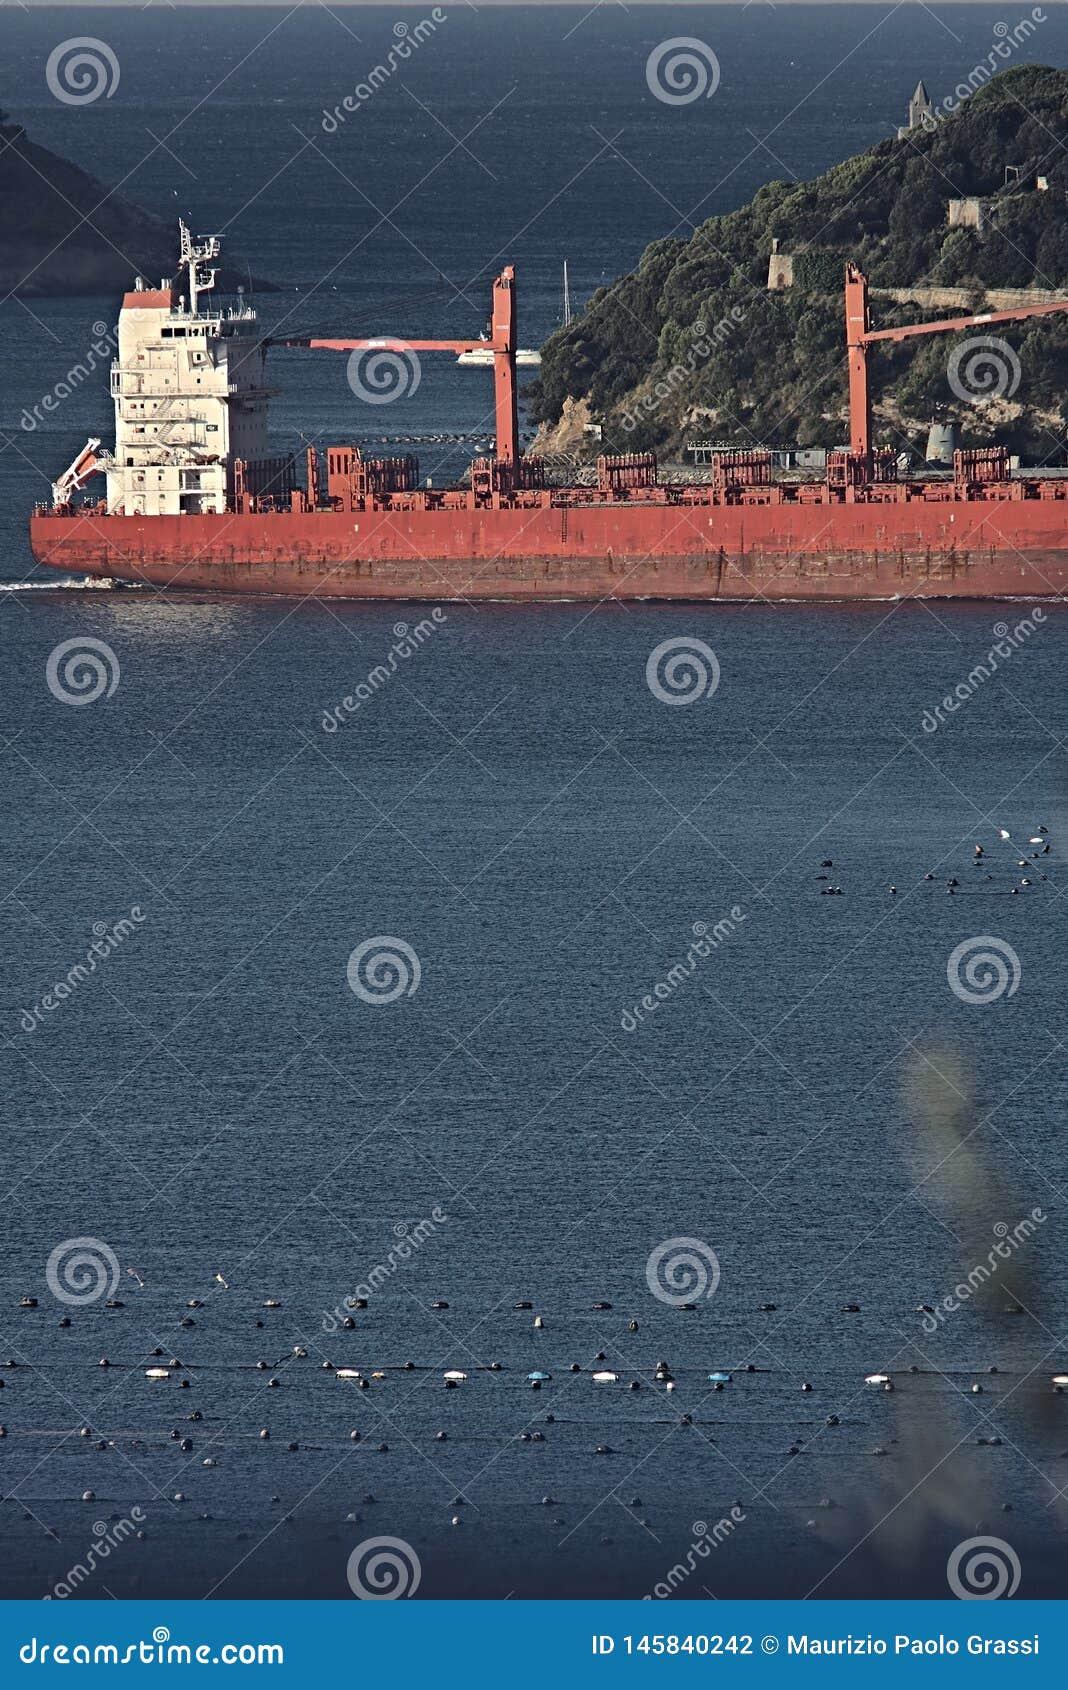 A cargo ship in the Gulf of La Spezia, Liguria